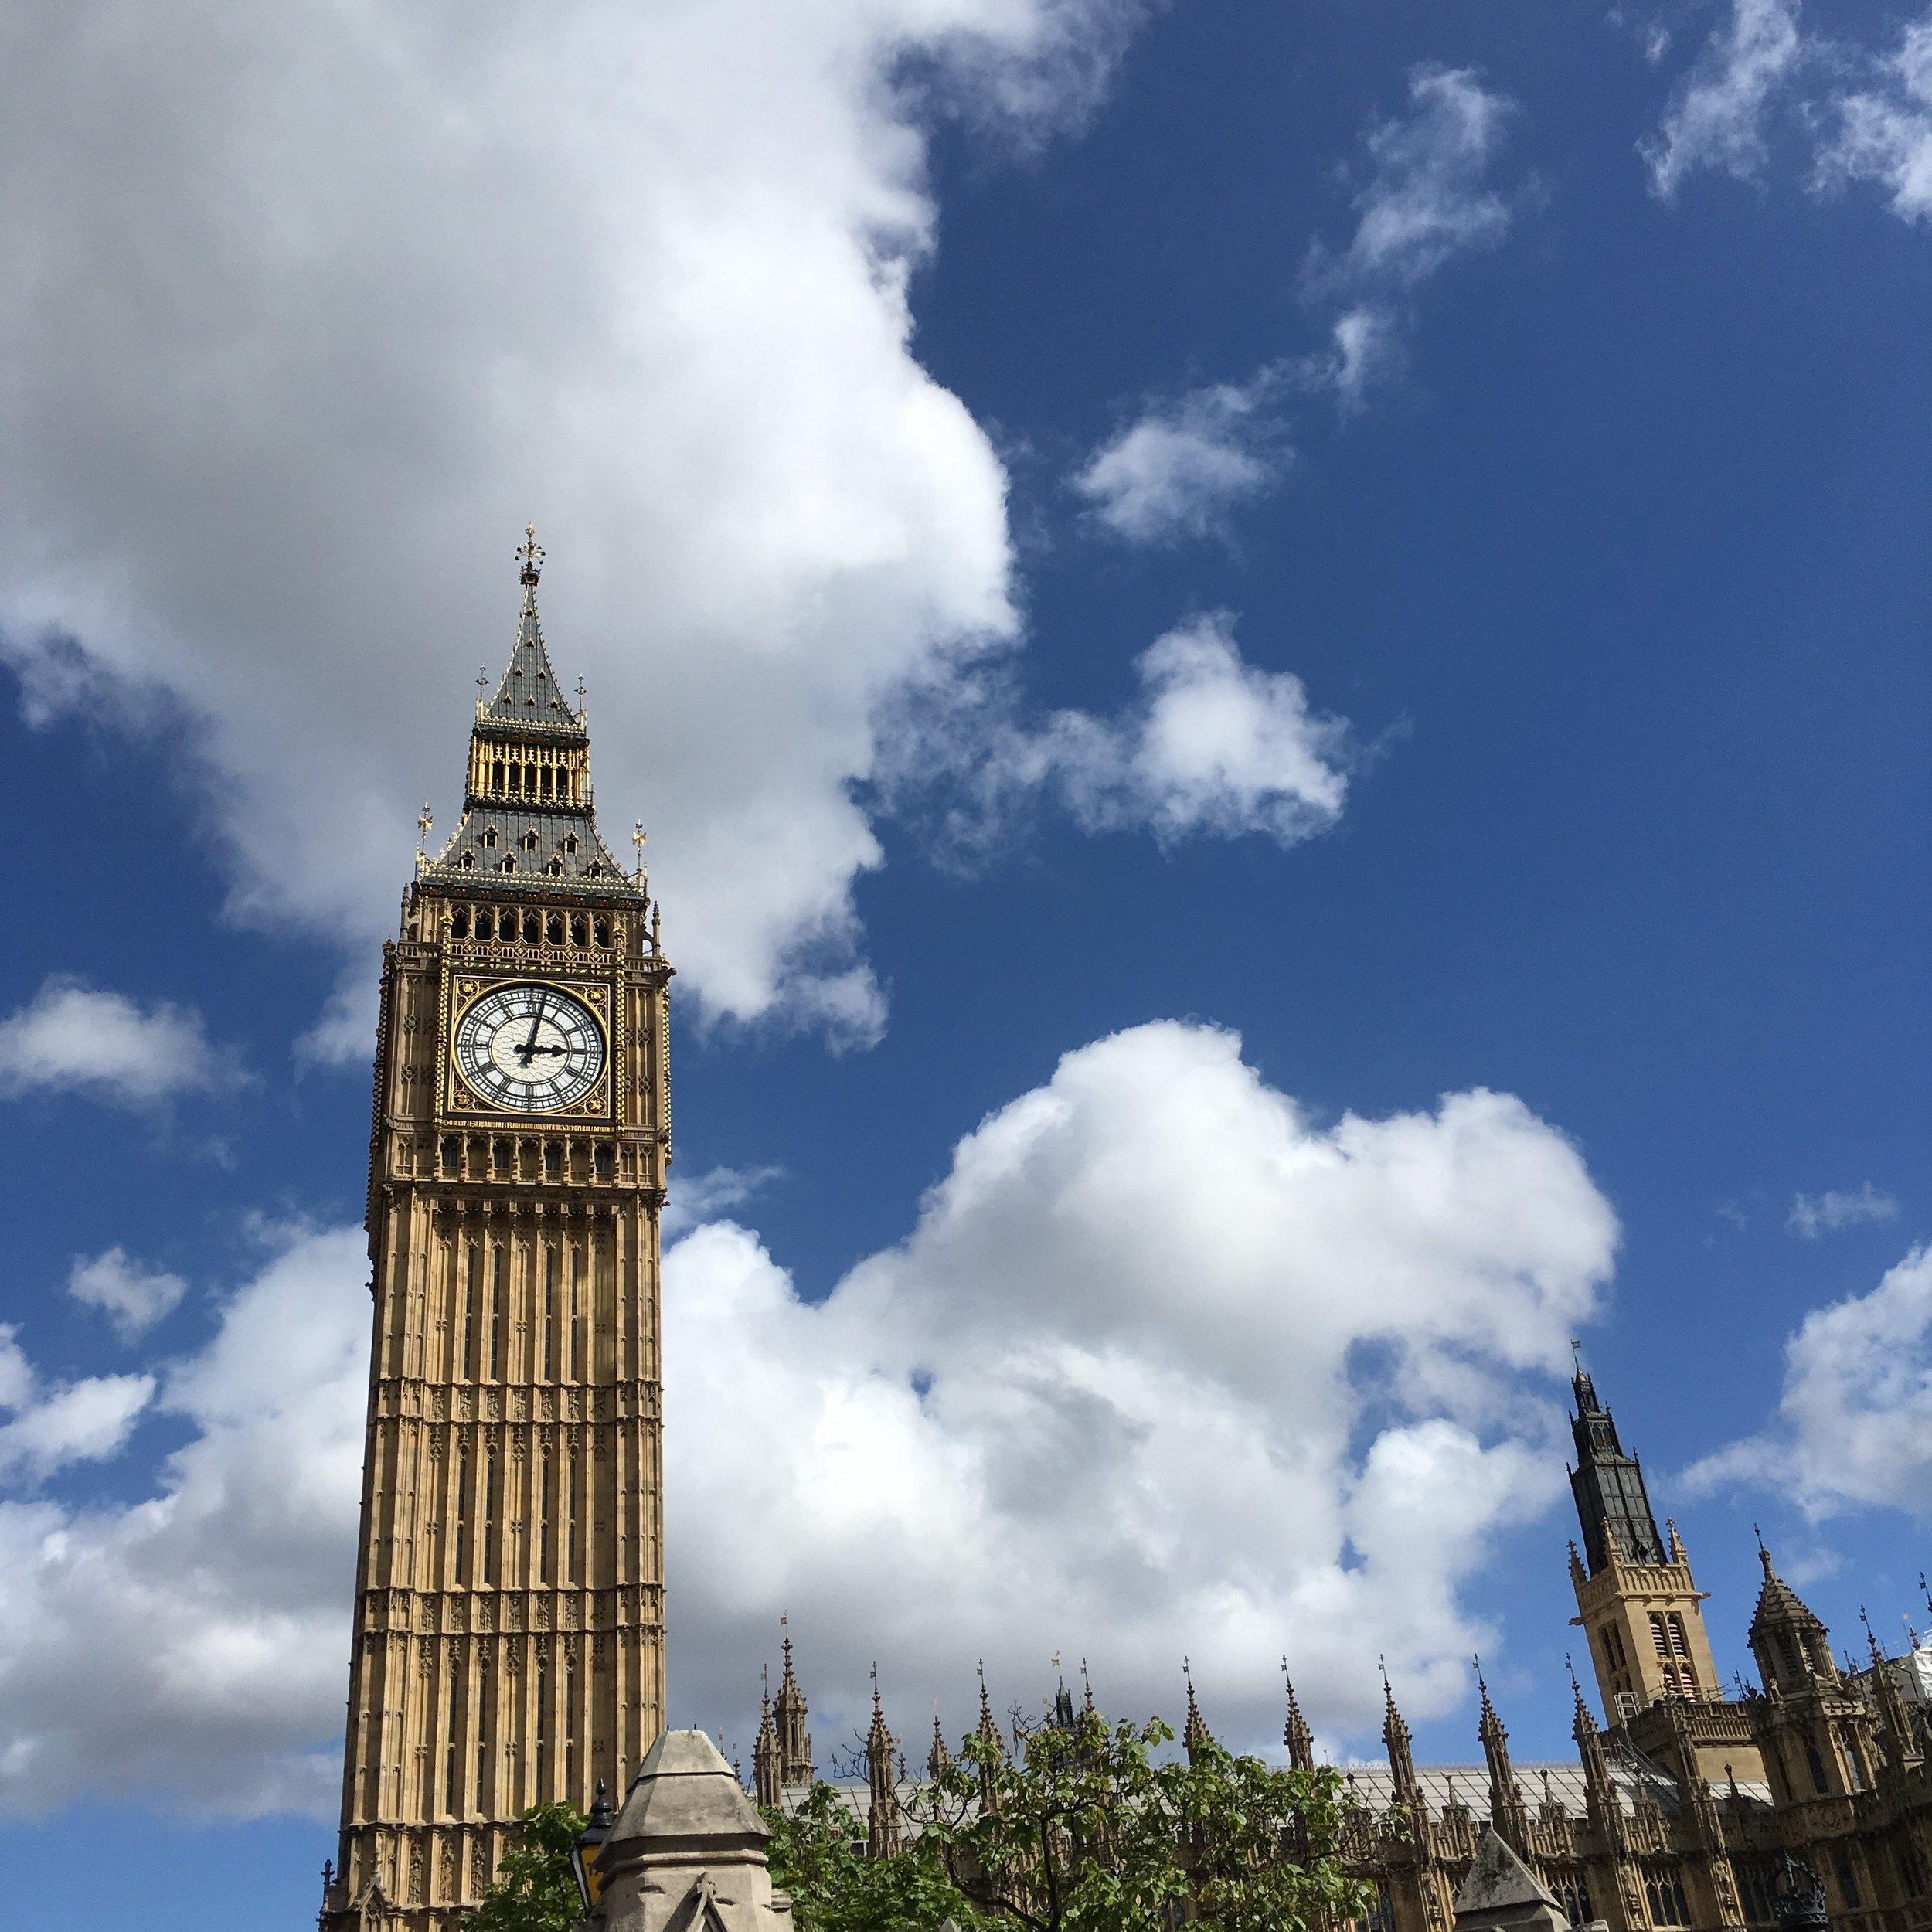 Big Ben in London, England - August 2016